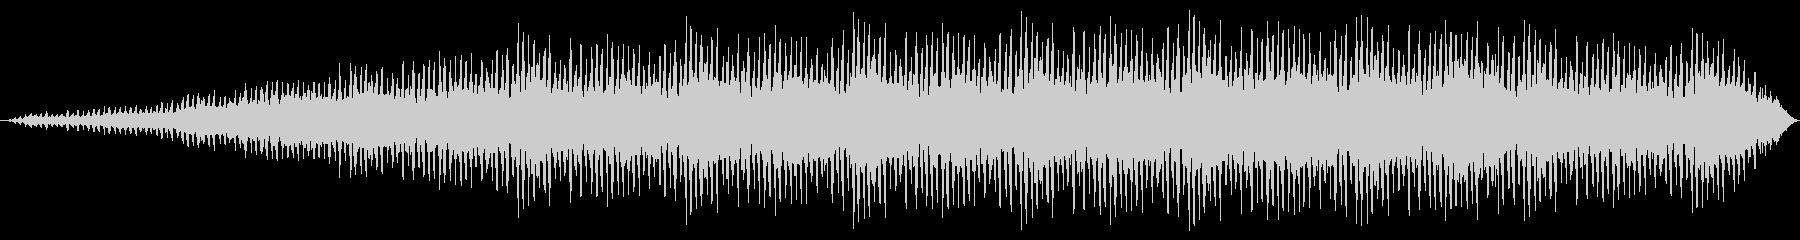 シーケンス Wub Wub 01の未再生の波形